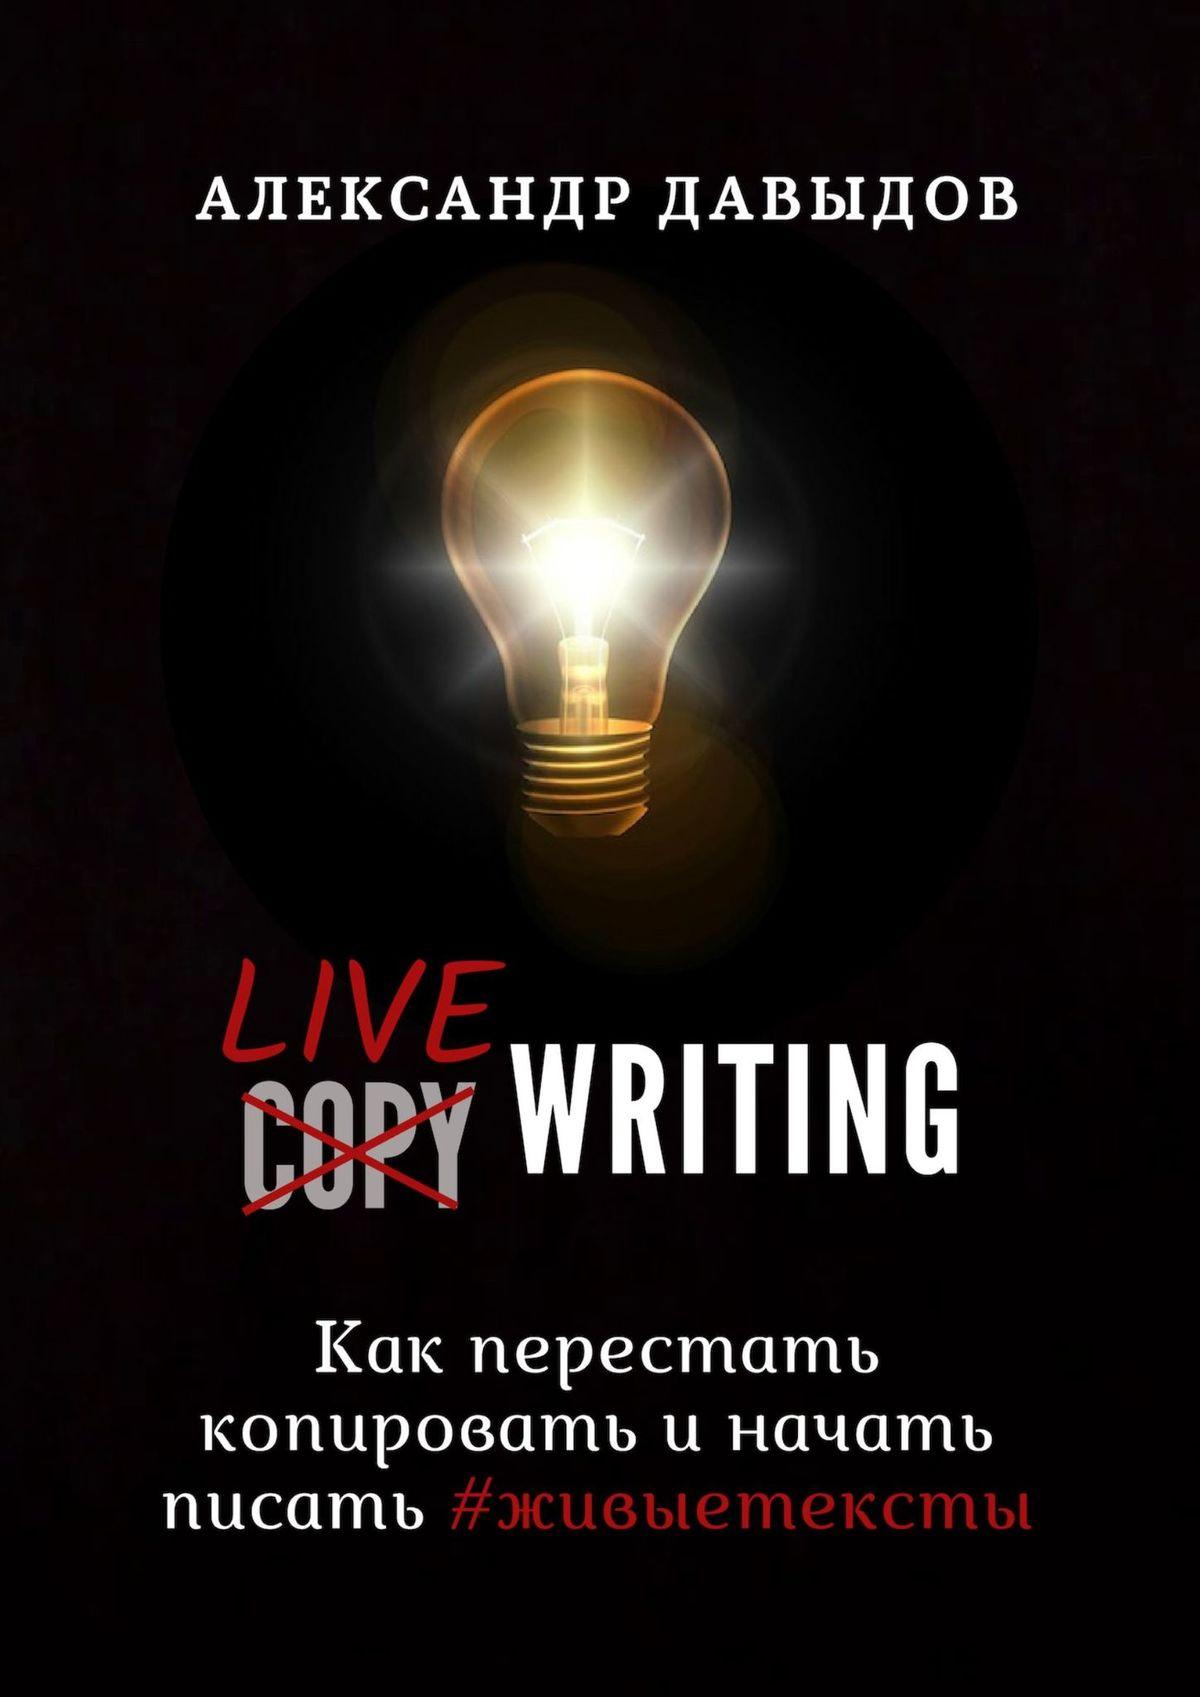 Александр Давыдов Livewriting. Как перестать копировать и начать писать #живыетексты